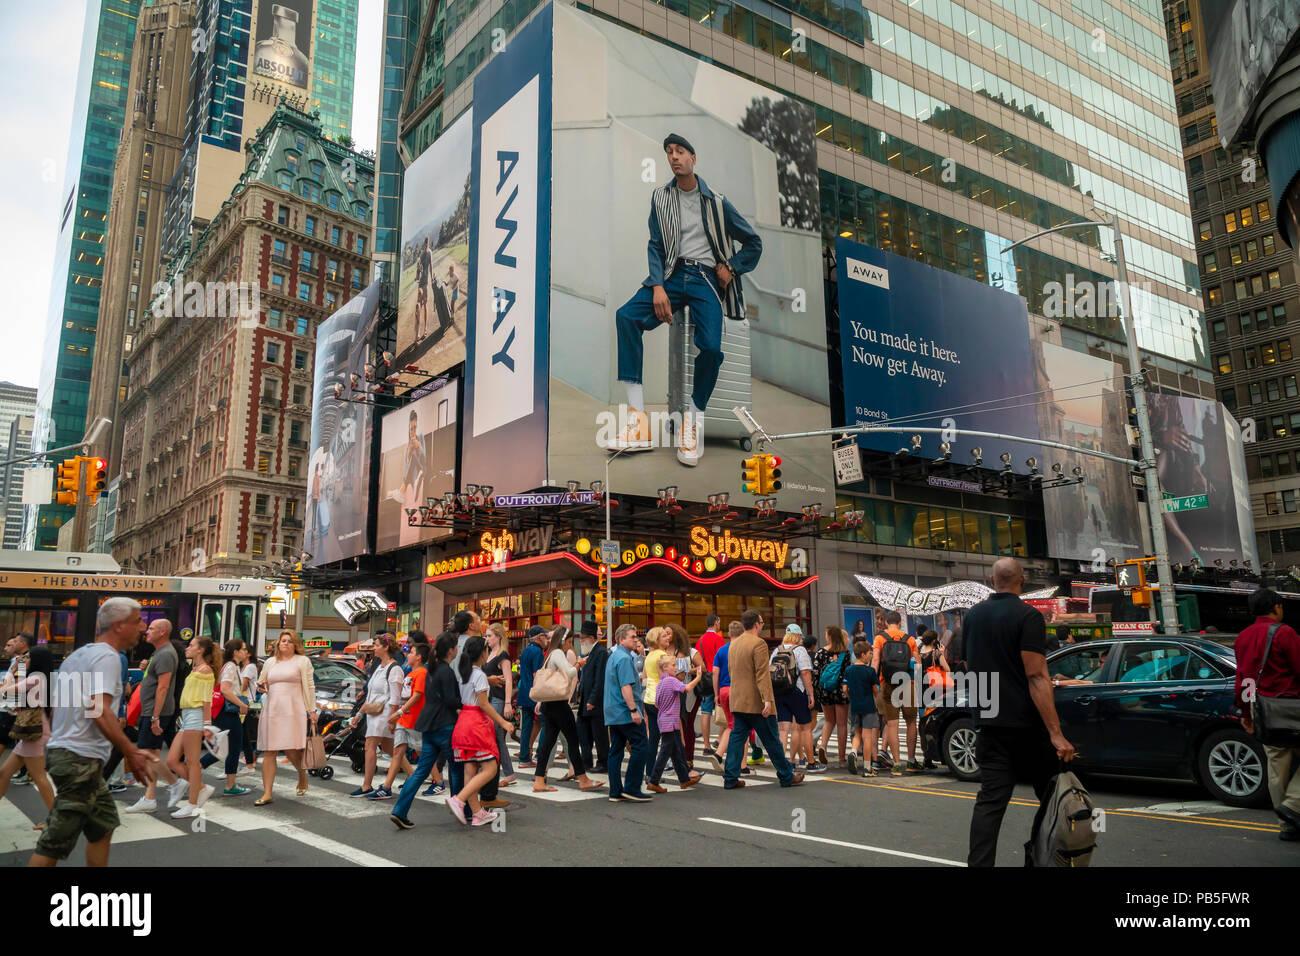 0cb9fb387e La publicité pour voiture, un fabricant de smart assurance, à Times Square  à New